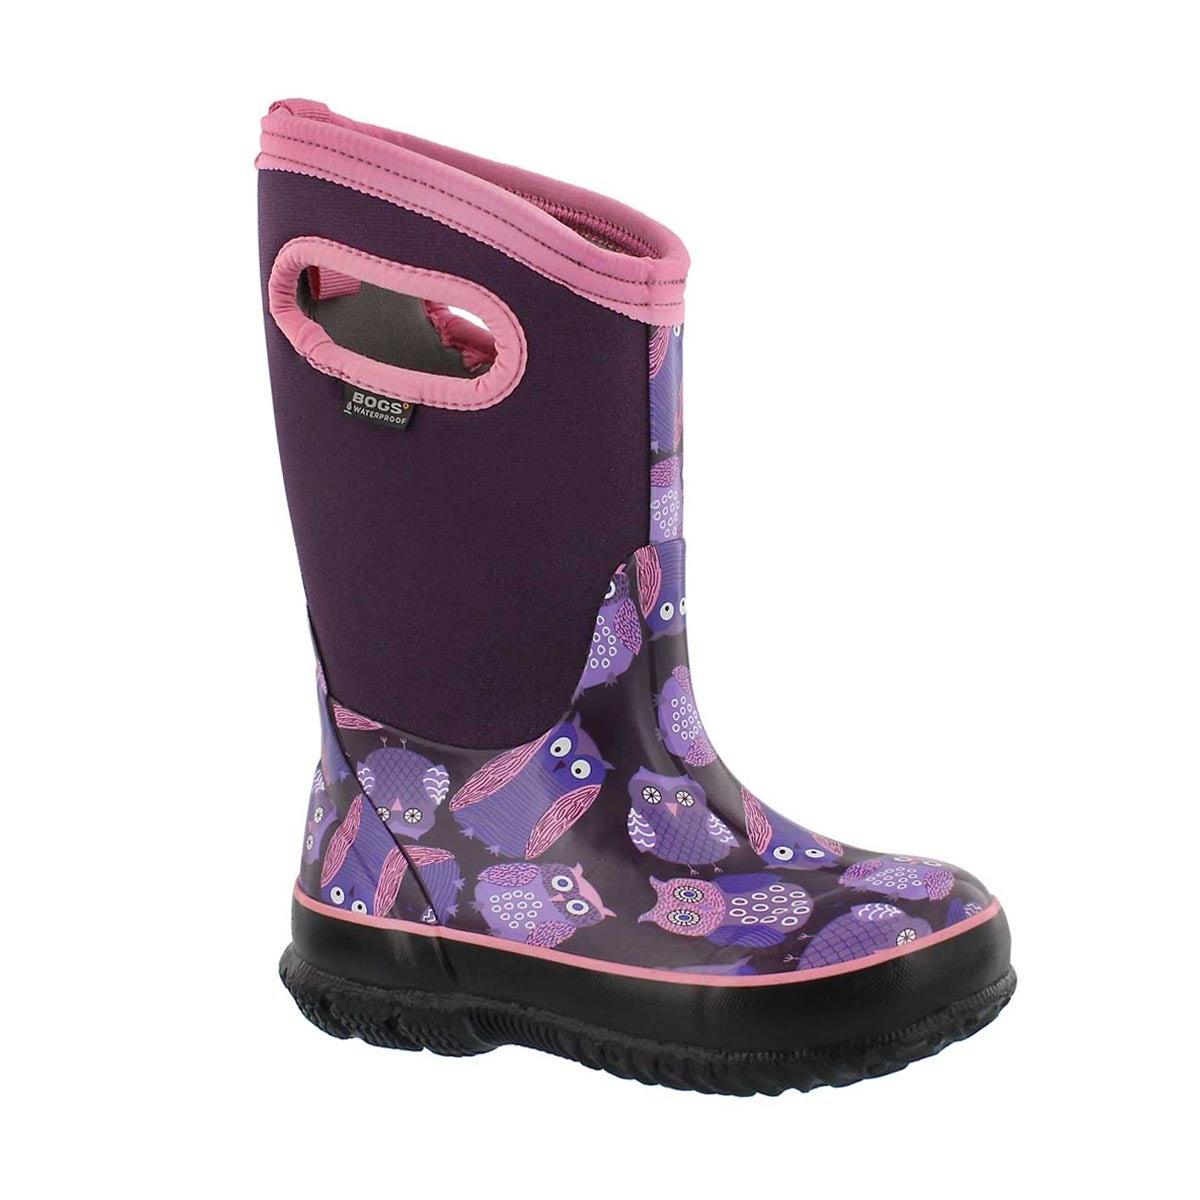 Grls Classic Owl purple mlti wtpf boot